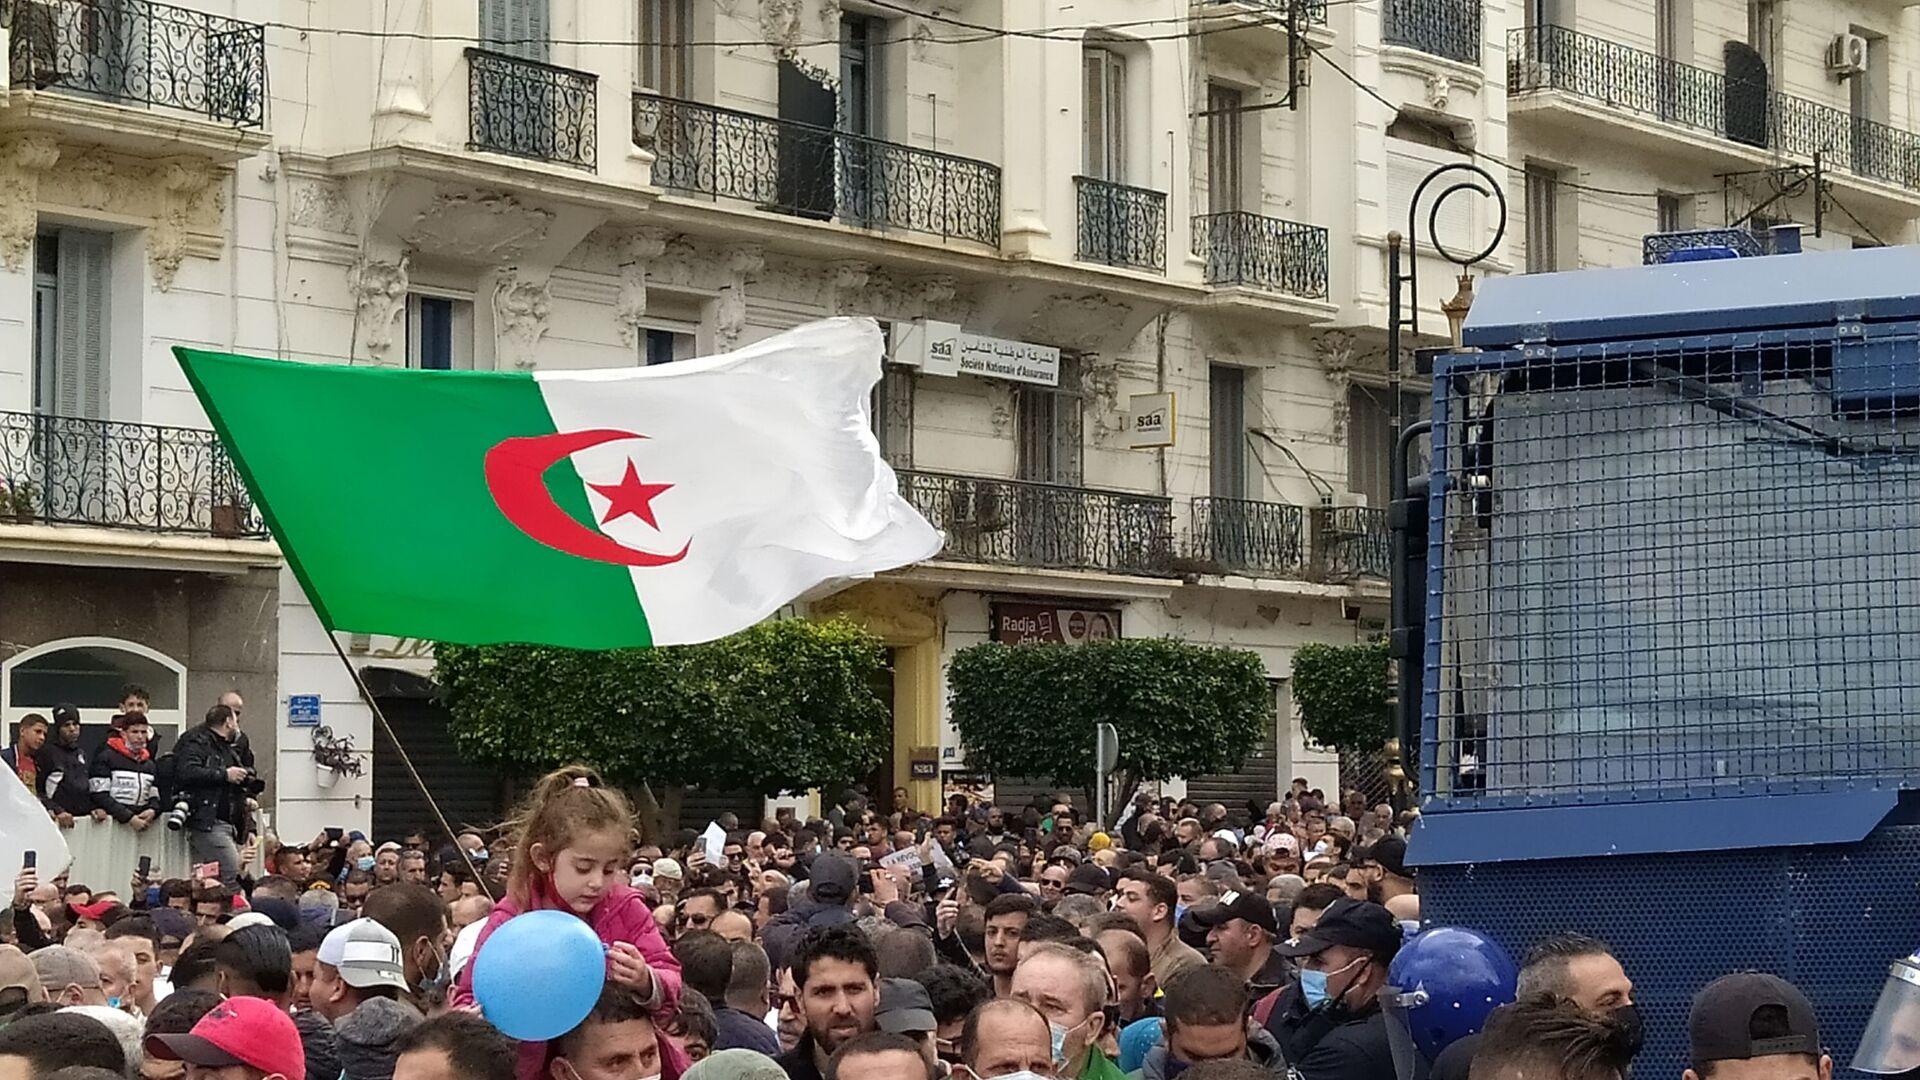 Reprise des marches pacifiques du Hirak à Alger. - Sputnik France, 1920, 13.04.2021